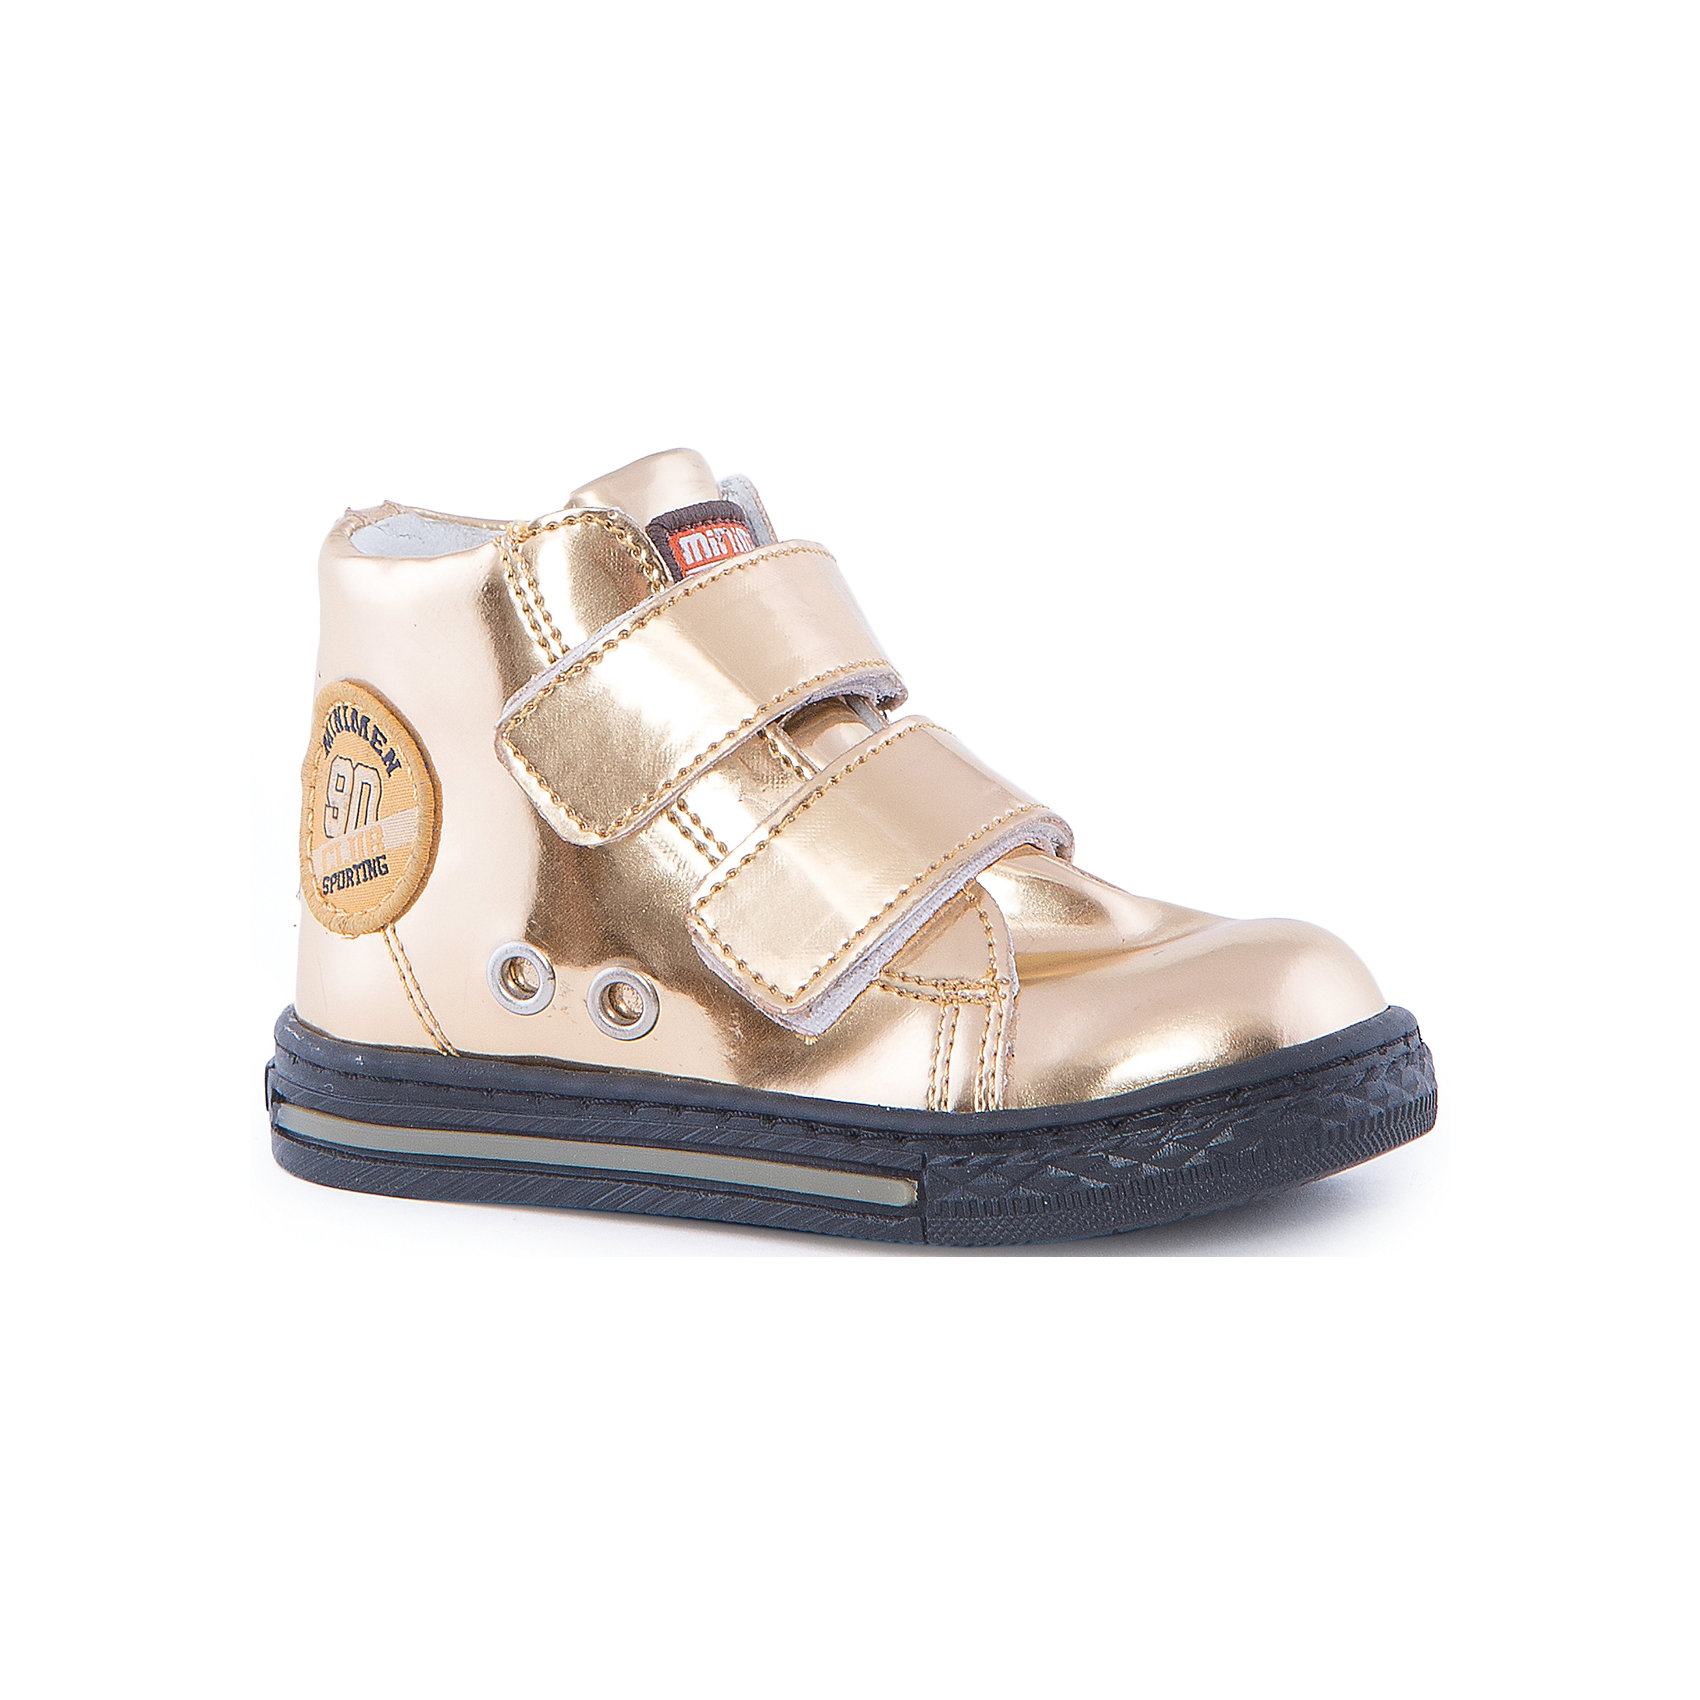 Ботинки для девочки MinimenОбувь для малышей<br>Стильные и практичные ботиночки от Minimen. Они имеют ортопедическую стельку и толстую подошву. Ботинки легко надевать и застегивать при помощи липучек. Кроме того, вы можете не переживать о промокших ногах, если ребенок пройдет по луже. Отлично подойдут для осени.<br><br>Дополнительная информация:<br>Стелька: супинатор<br>Цвет: золотой<br>Сезон: осень<br>Материал: кожа<br><br>Ботинки Minimen можно купить в нашем интернет-магазине.<br><br>Ширина мм: 262<br>Глубина мм: 176<br>Высота мм: 97<br>Вес г: 427<br>Цвет: бежевый<br>Возраст от месяцев: 15<br>Возраст до месяцев: 18<br>Пол: Женский<br>Возраст: Детский<br>Размер: 22,24,20,21,23<br>SKU: 4969978